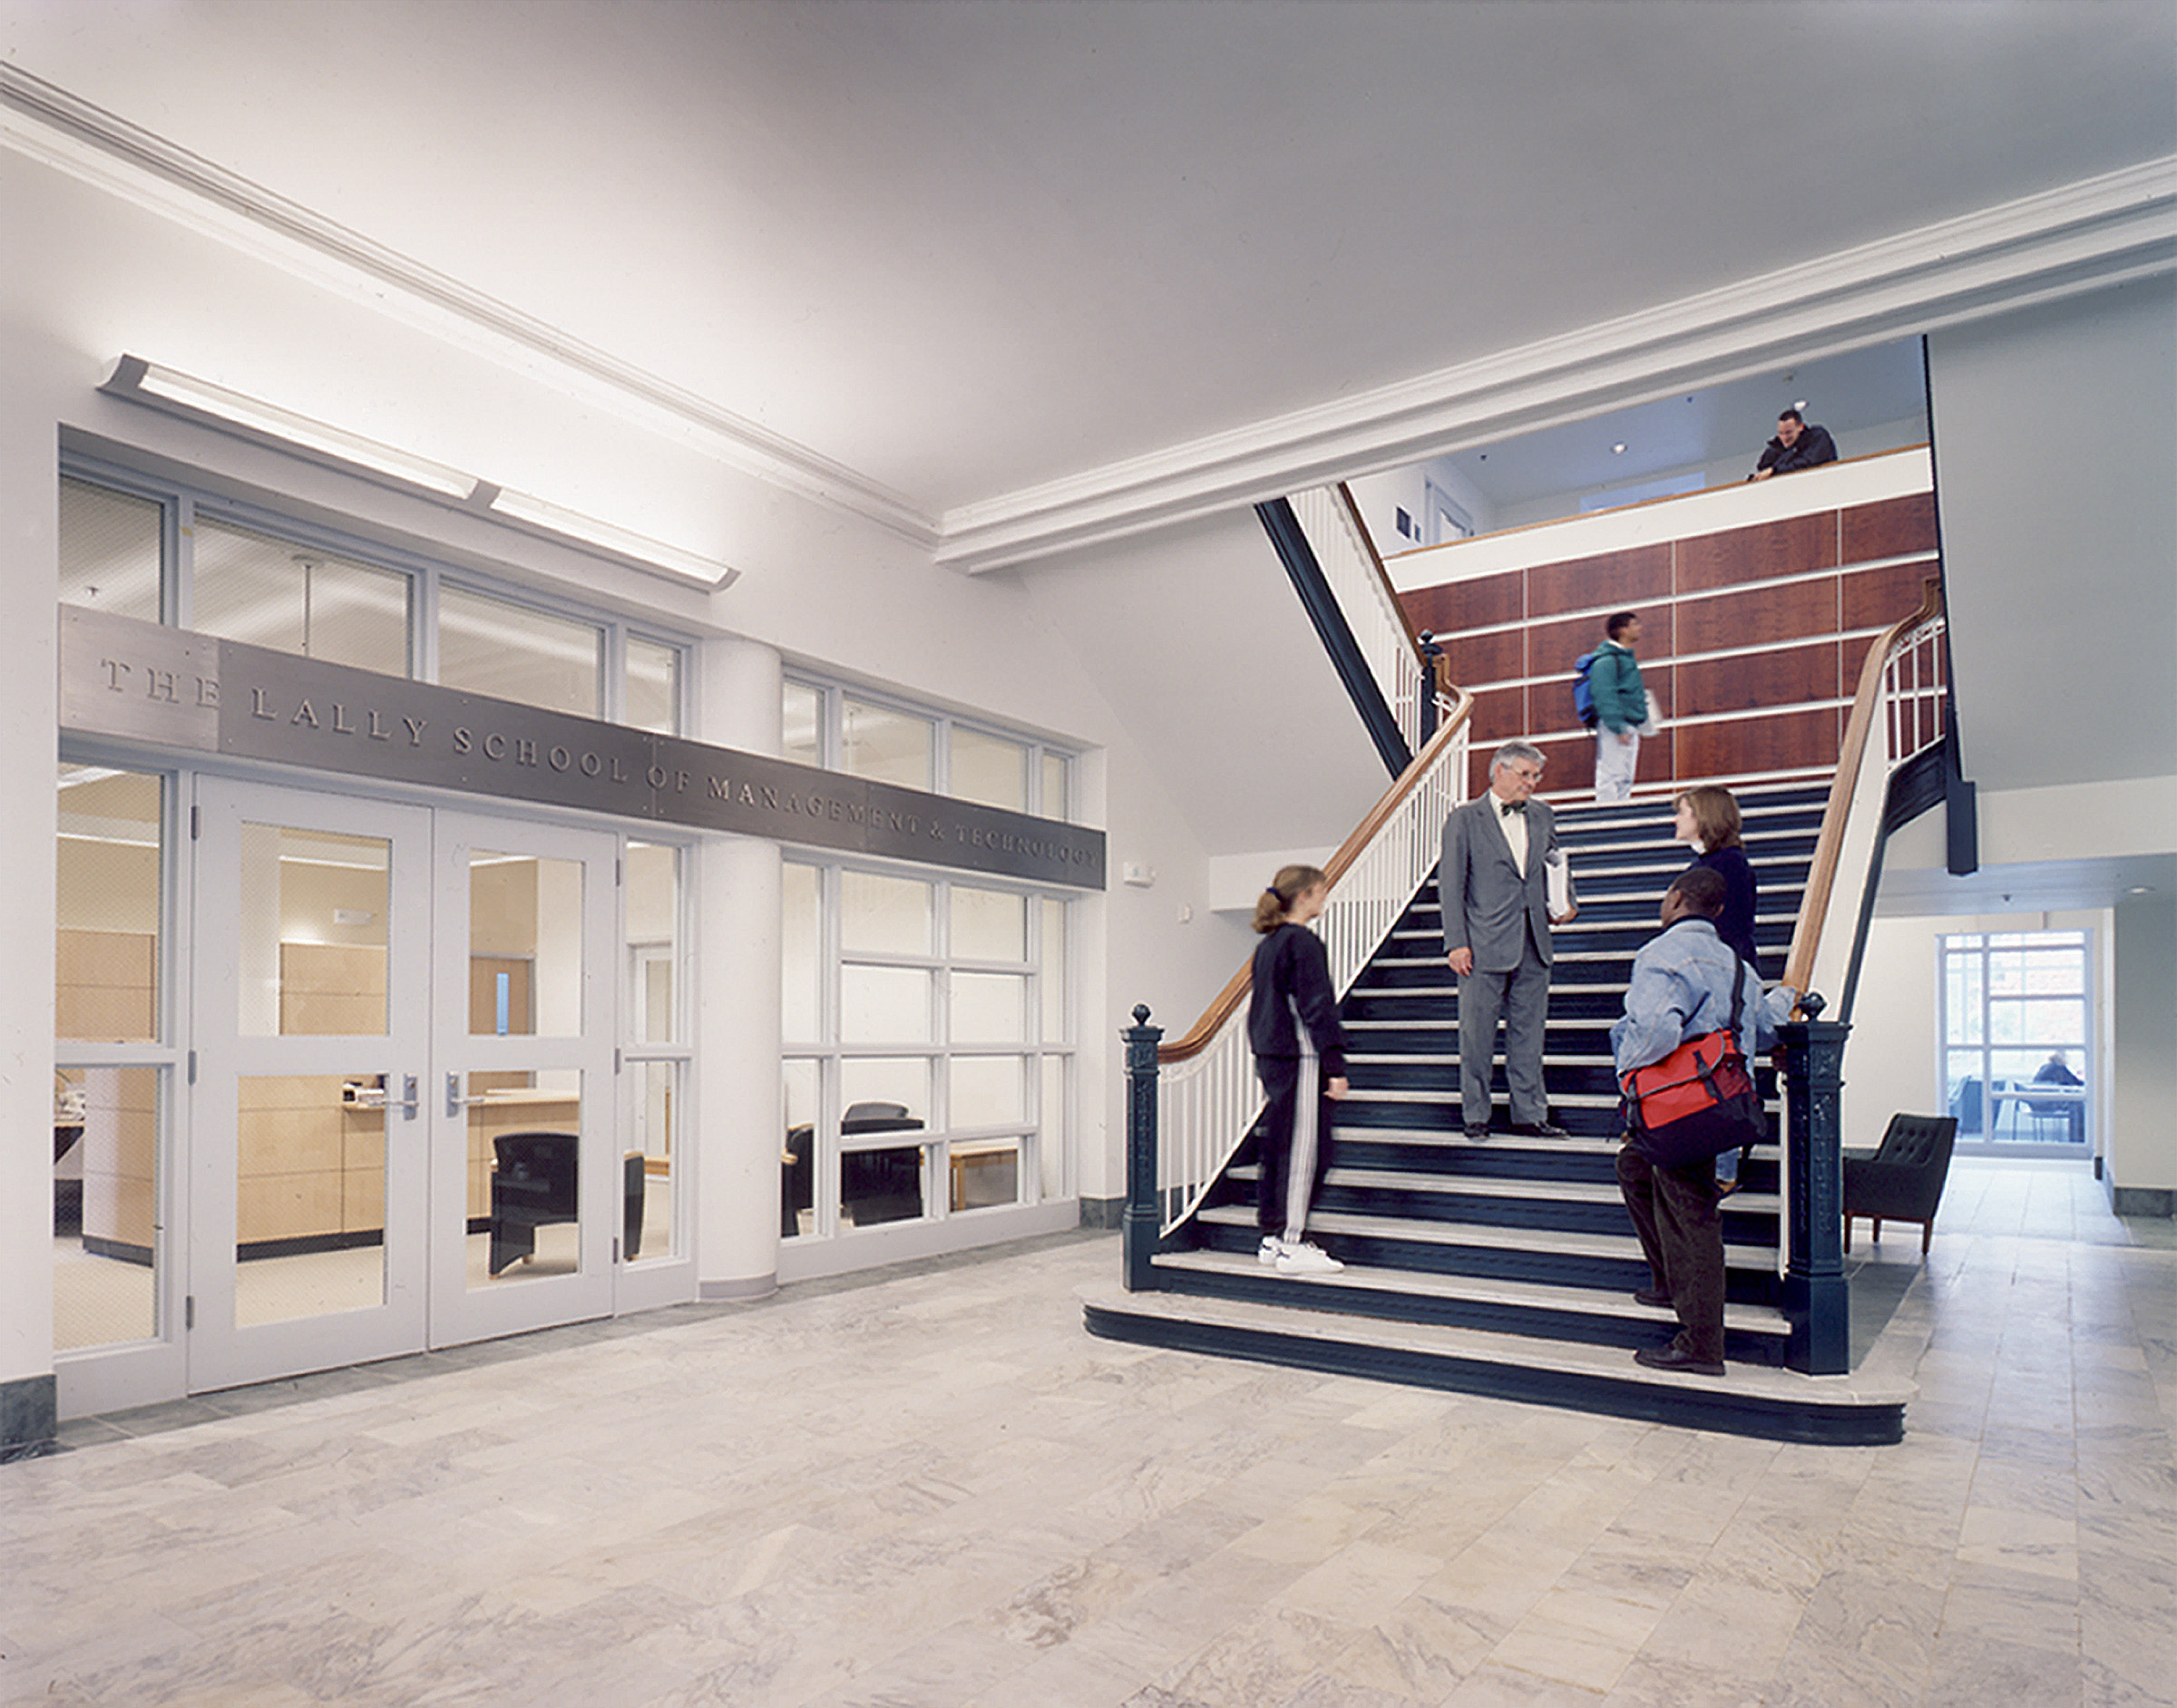 RPI - Interior - Peopled Stairway.jpg